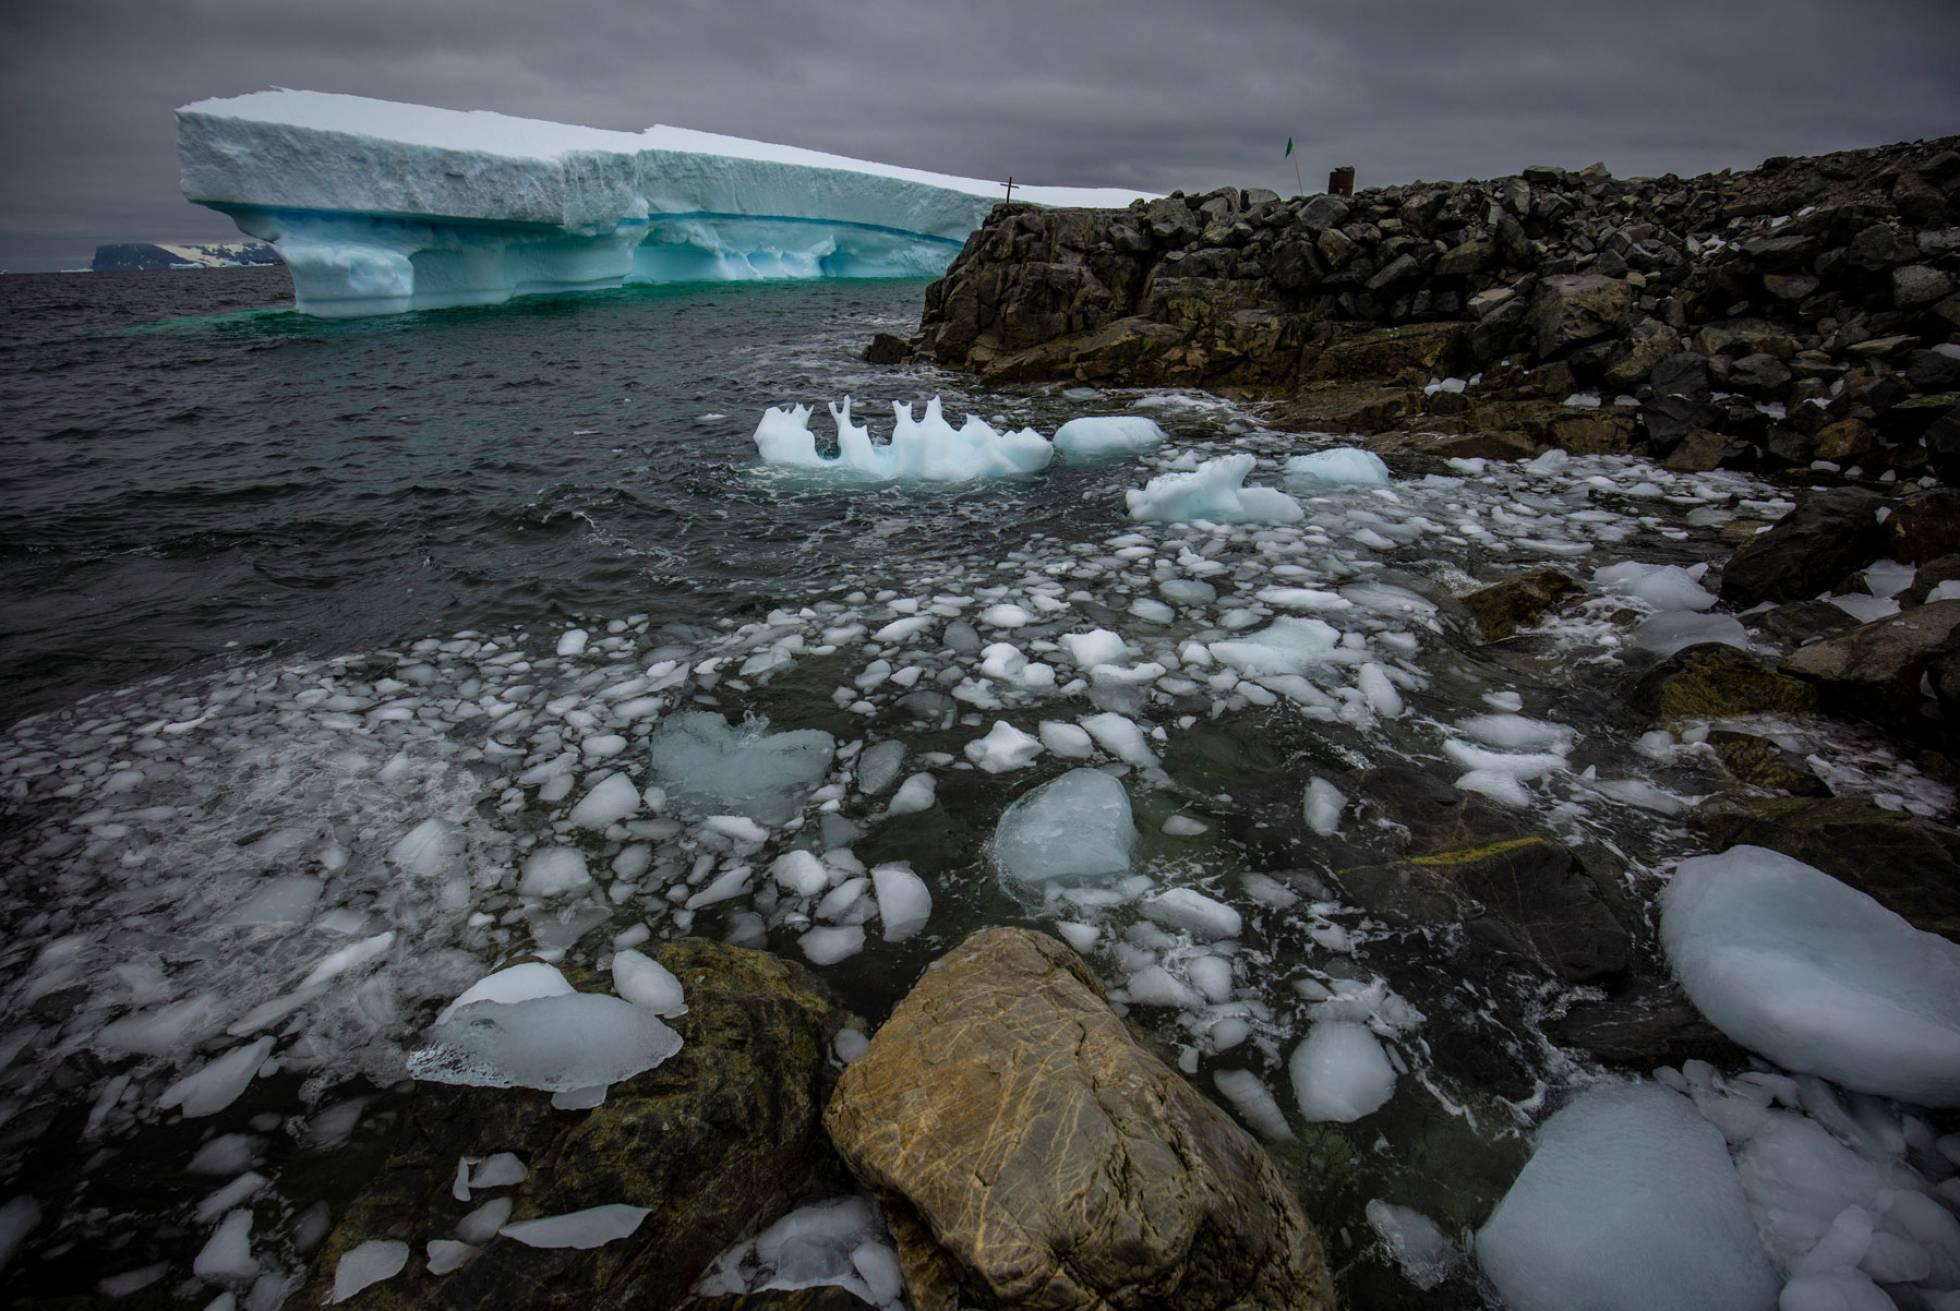 Solo la Antártida se estaba escapando del calentamiento global. Los últimos estudios sostienen, sin embargo, que está perdiendo hielo desde que comenzó este siglo.